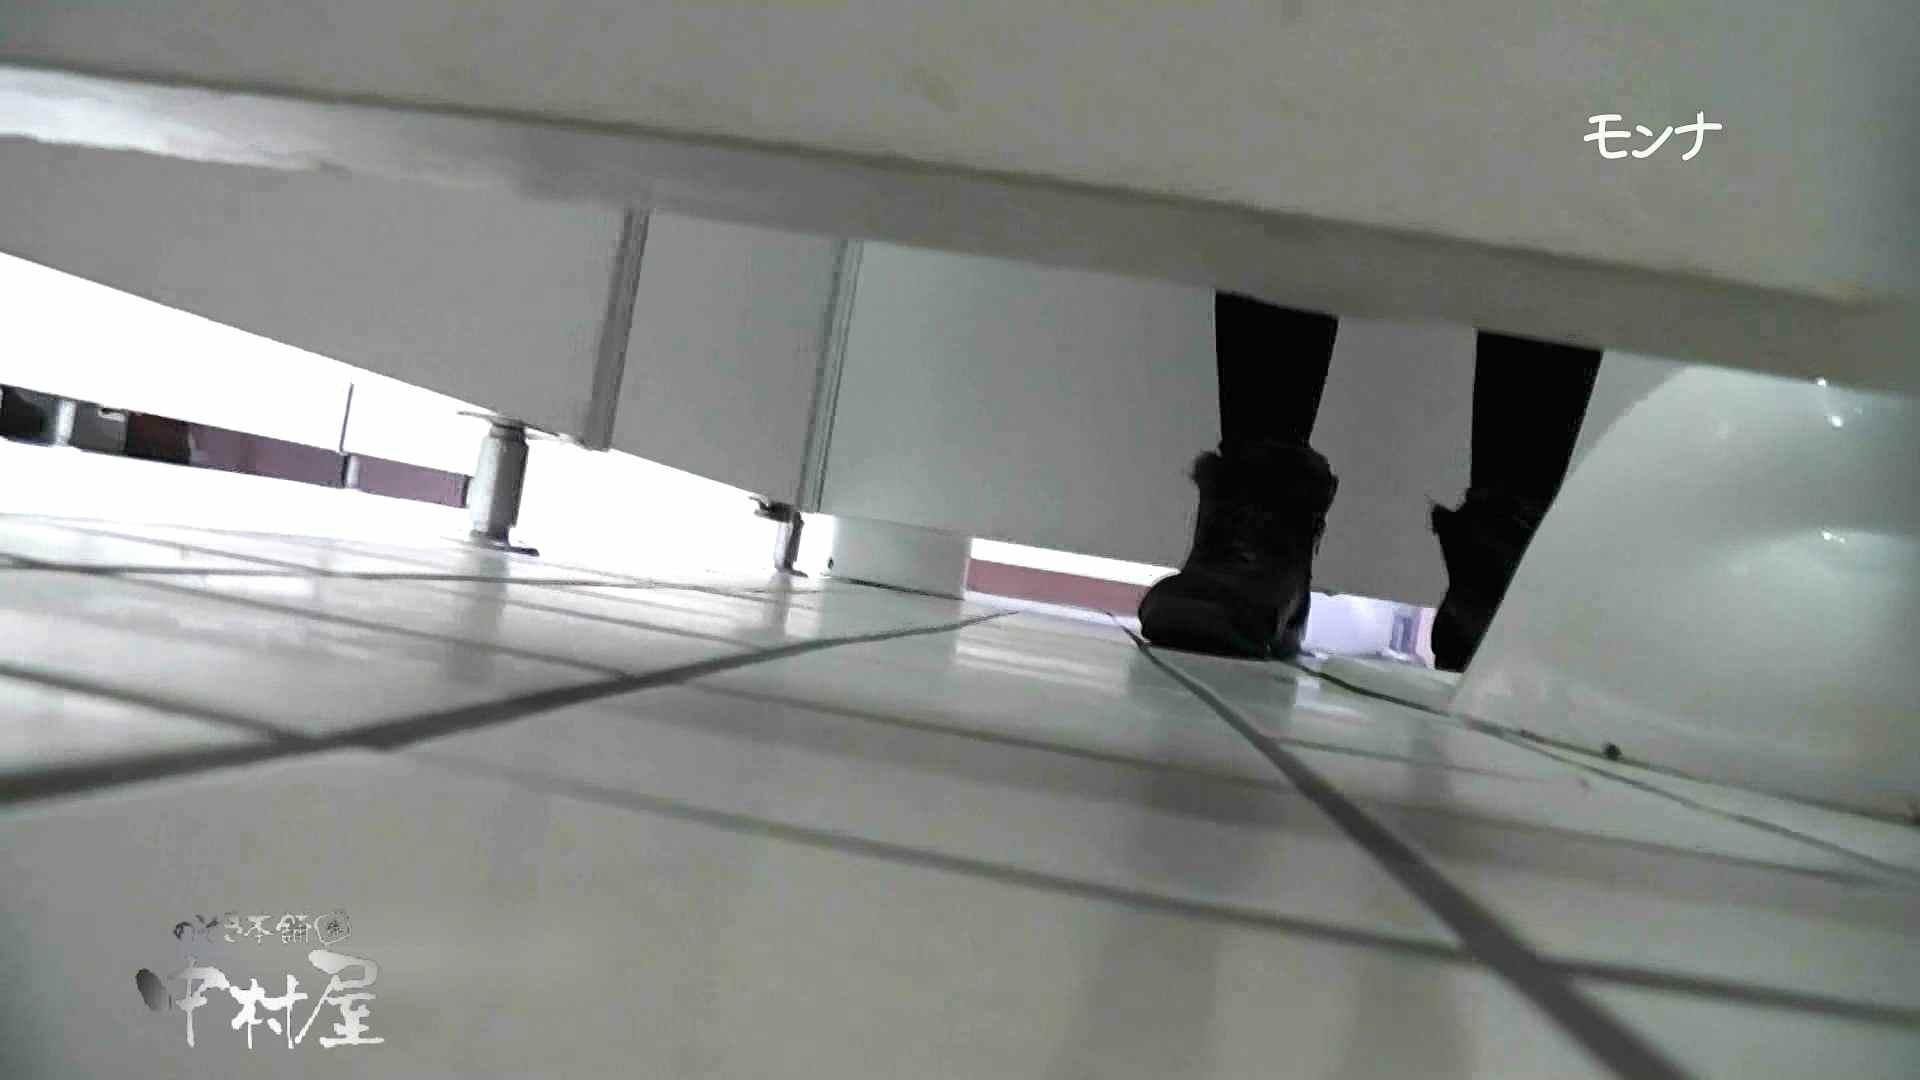 【美しい日本の未来】遂に!!戸田恵梨香似の予告モデル登場ダッシュで「大」後編 おまんこ見放題  101PIX 88